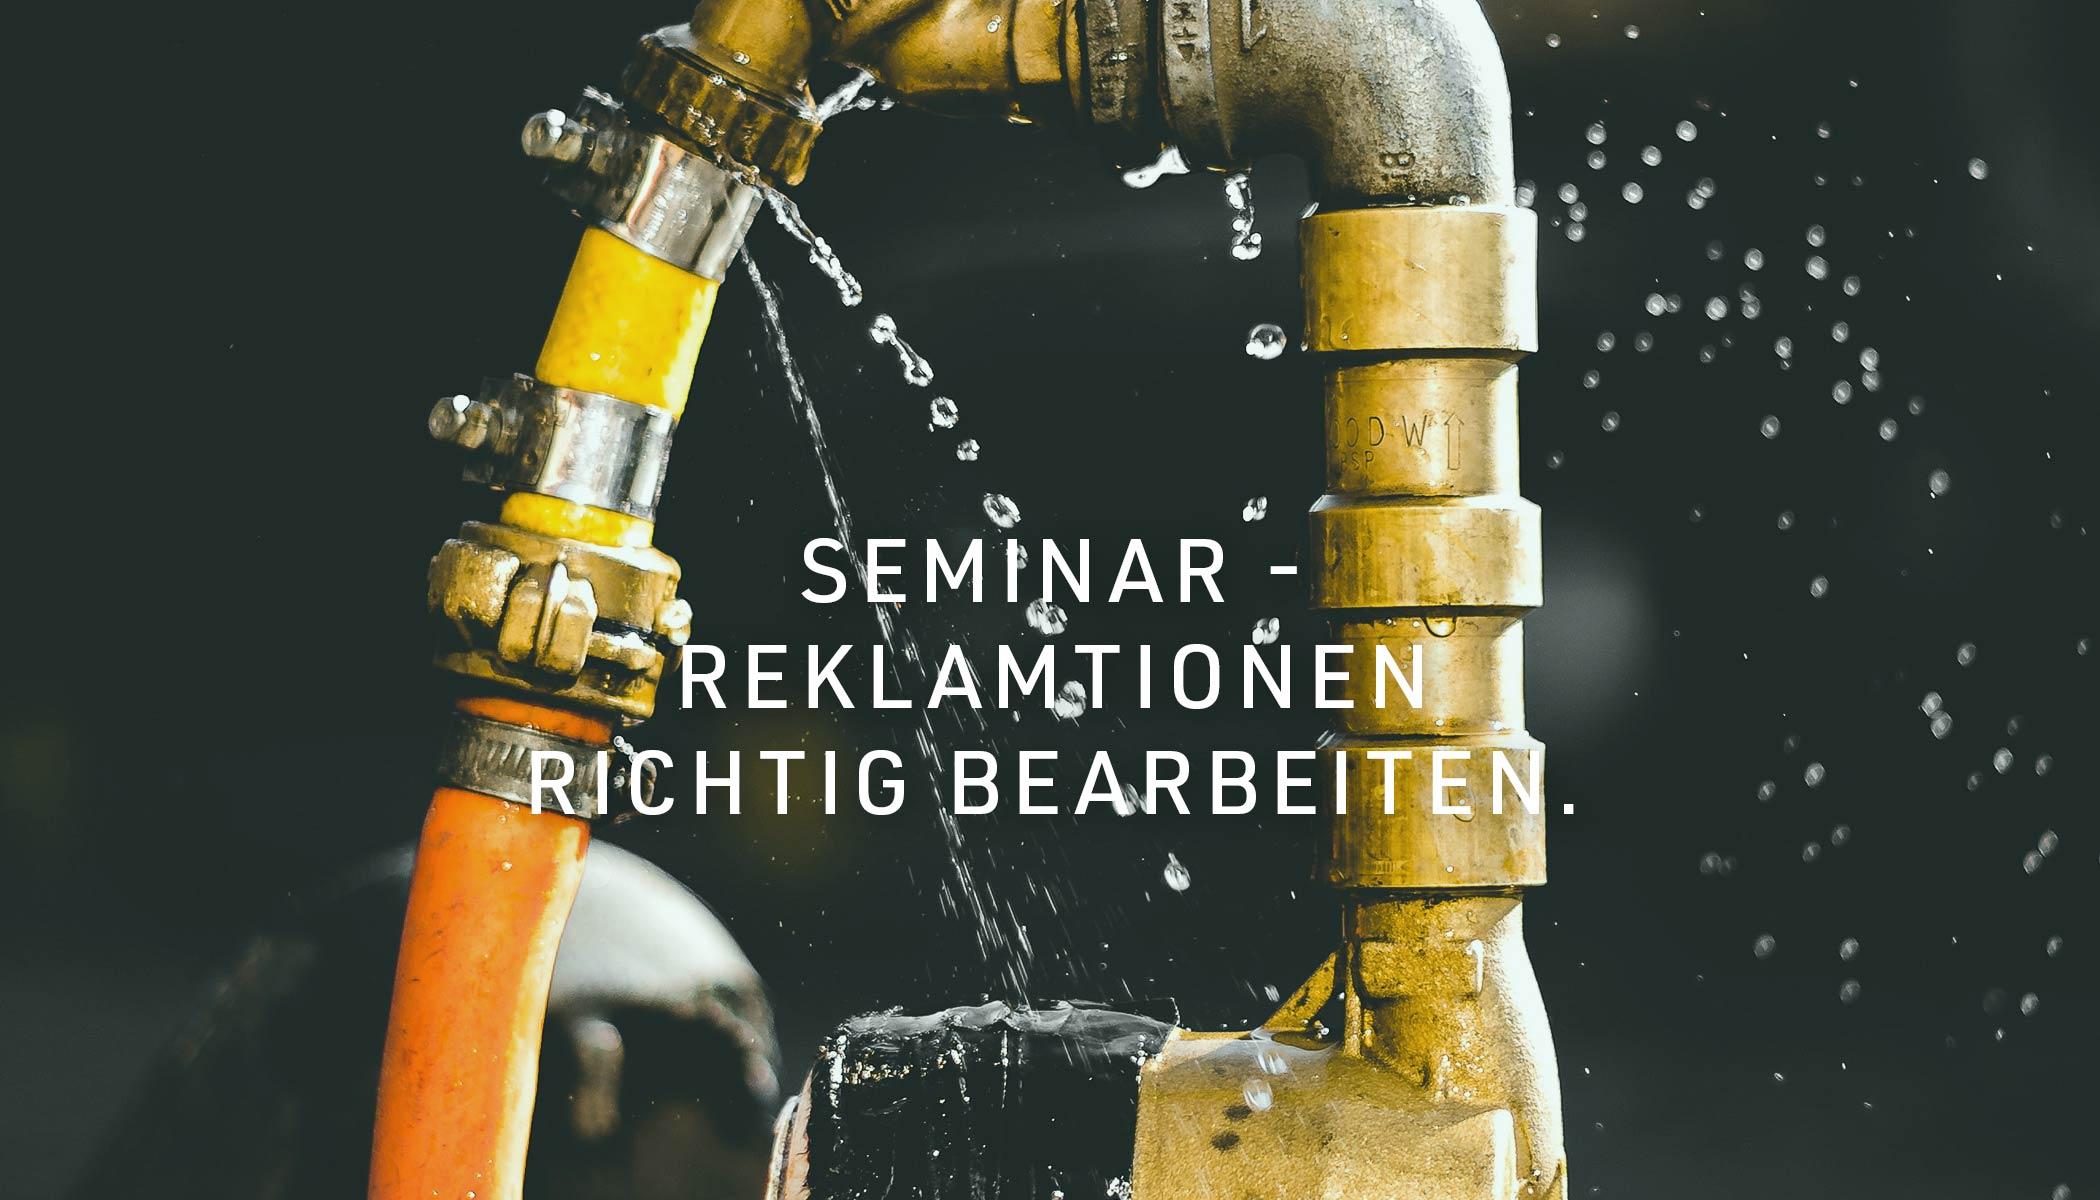 Seminar - Reklamationen richtig bearbeiten